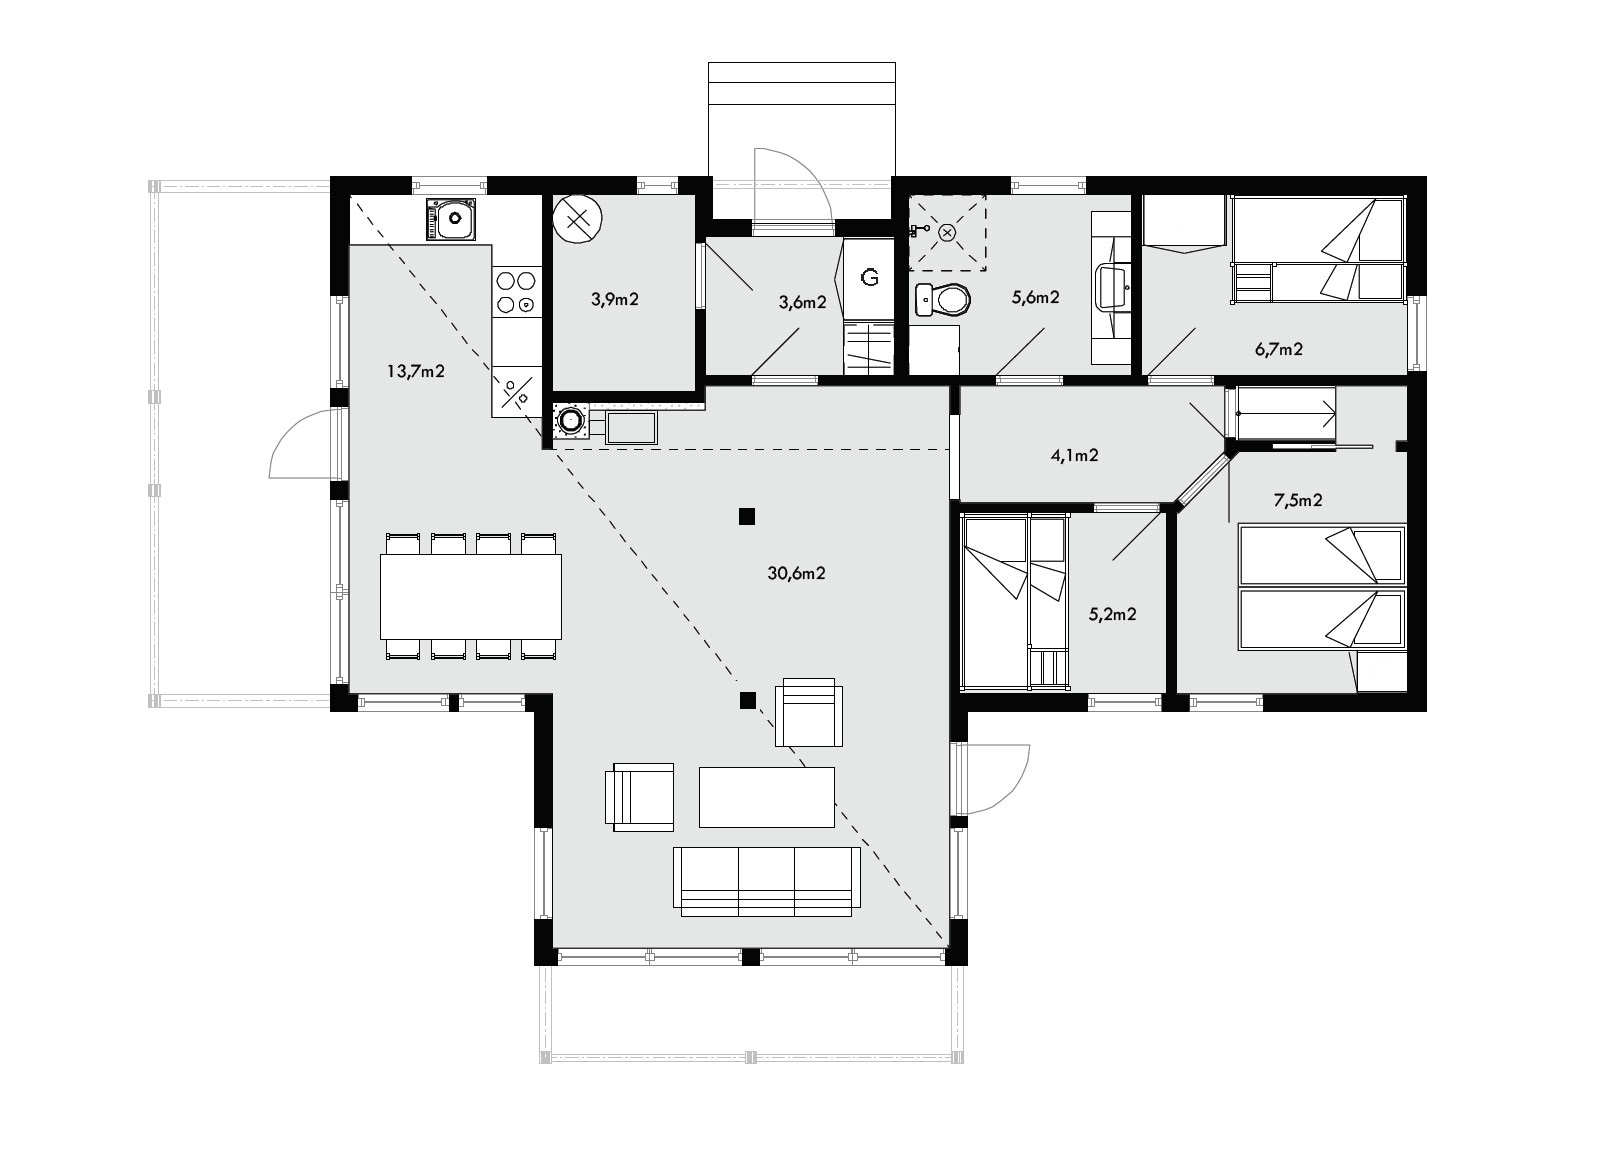 Планировка каркасного дома 1 этаж